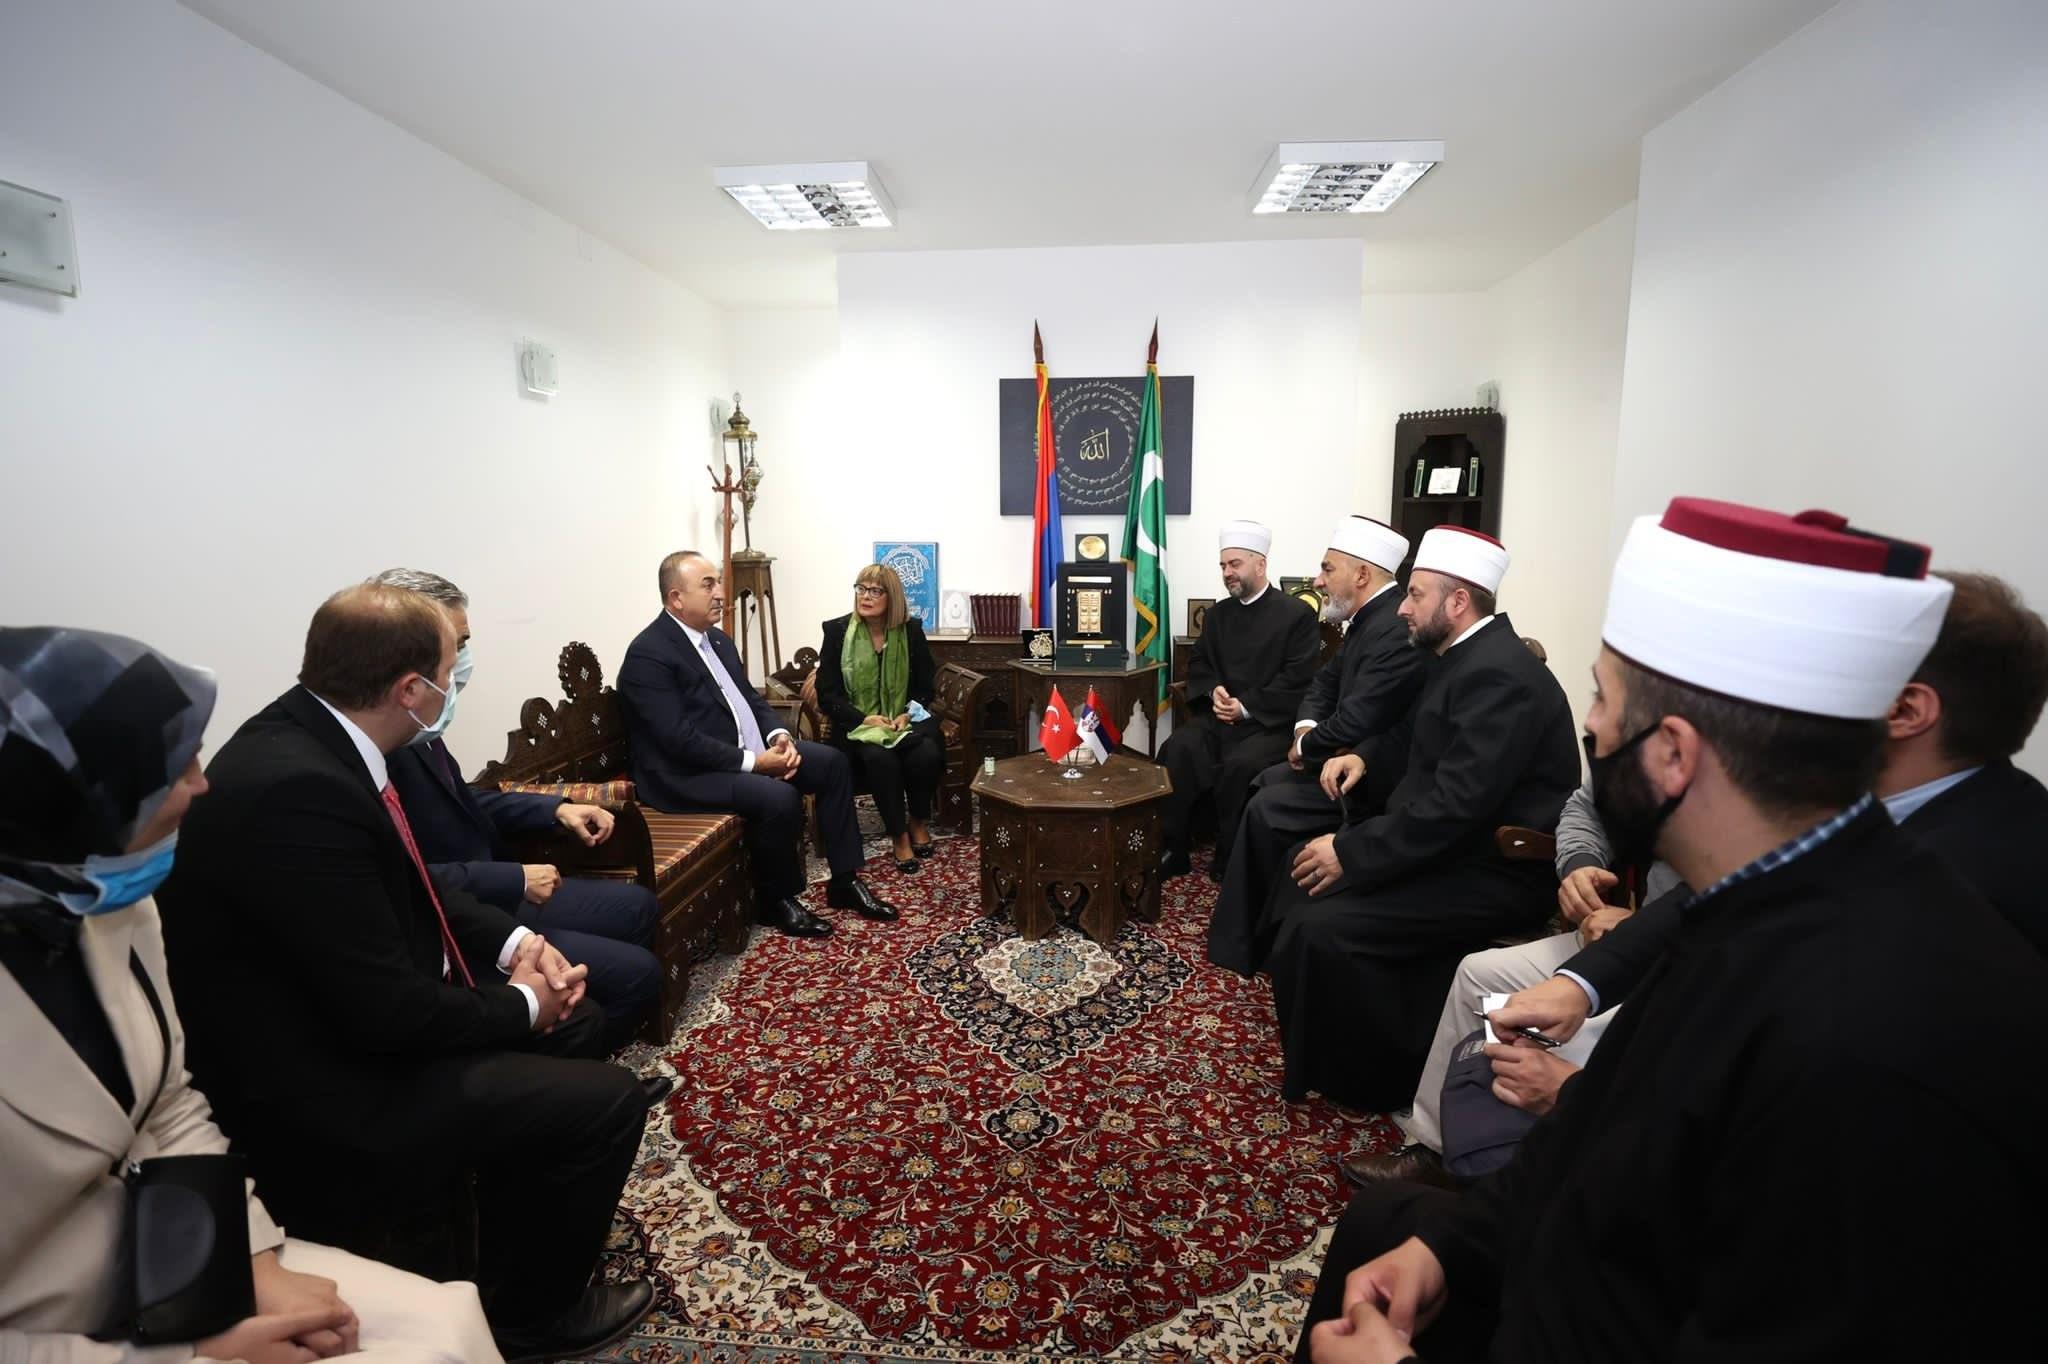 Dışişleri Bakanı Çavuşoğlu, Sırbistan'da Bayraklı Camii'ni ziyaret etti